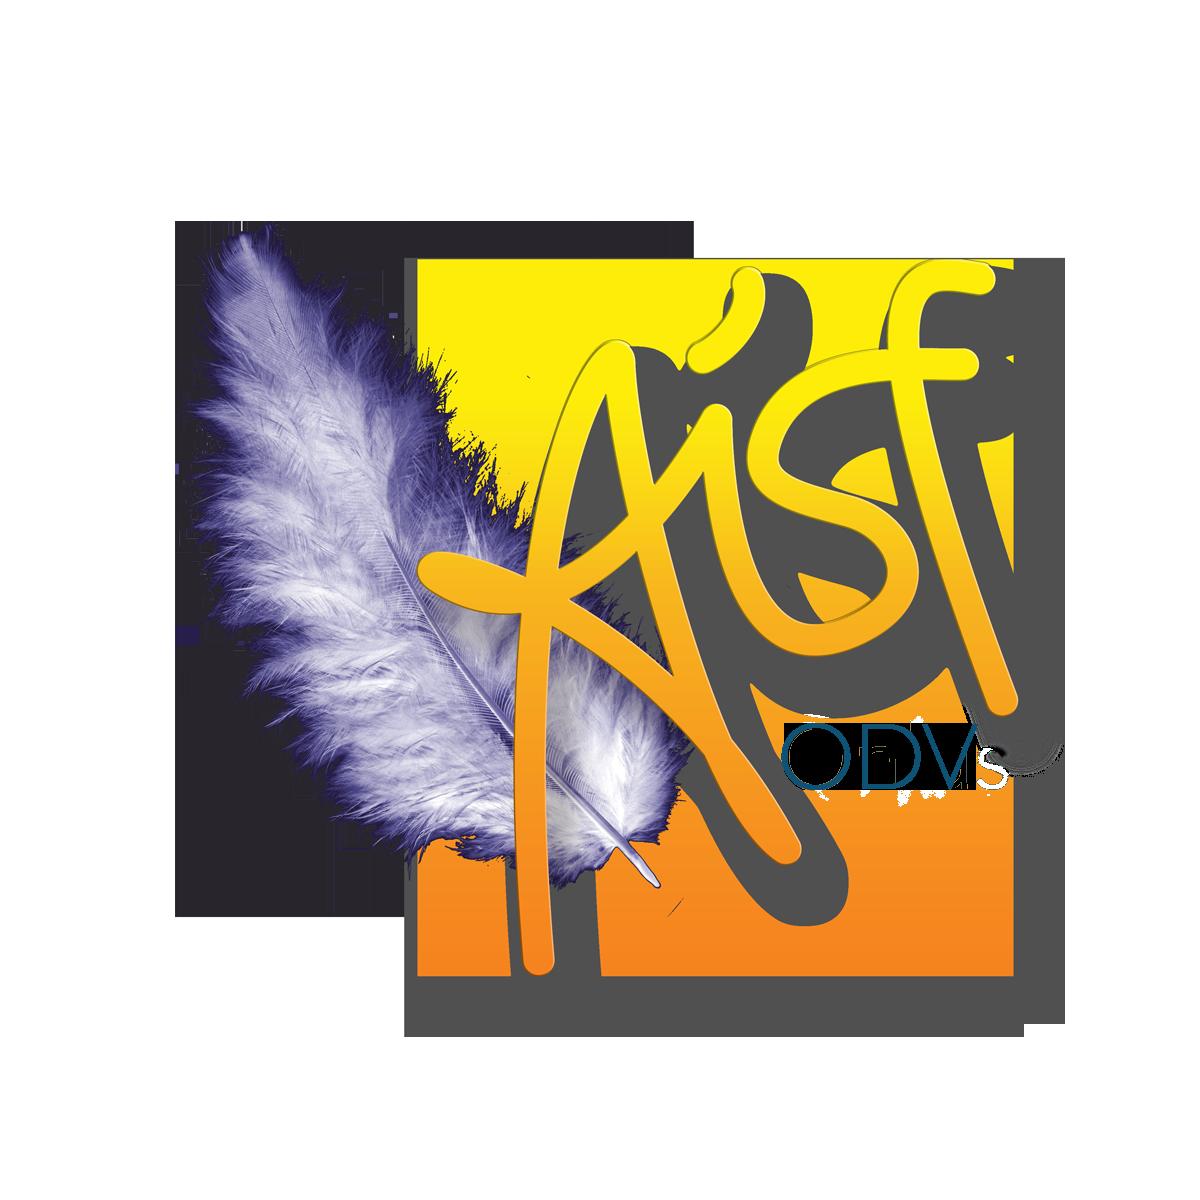 AISF-ODV